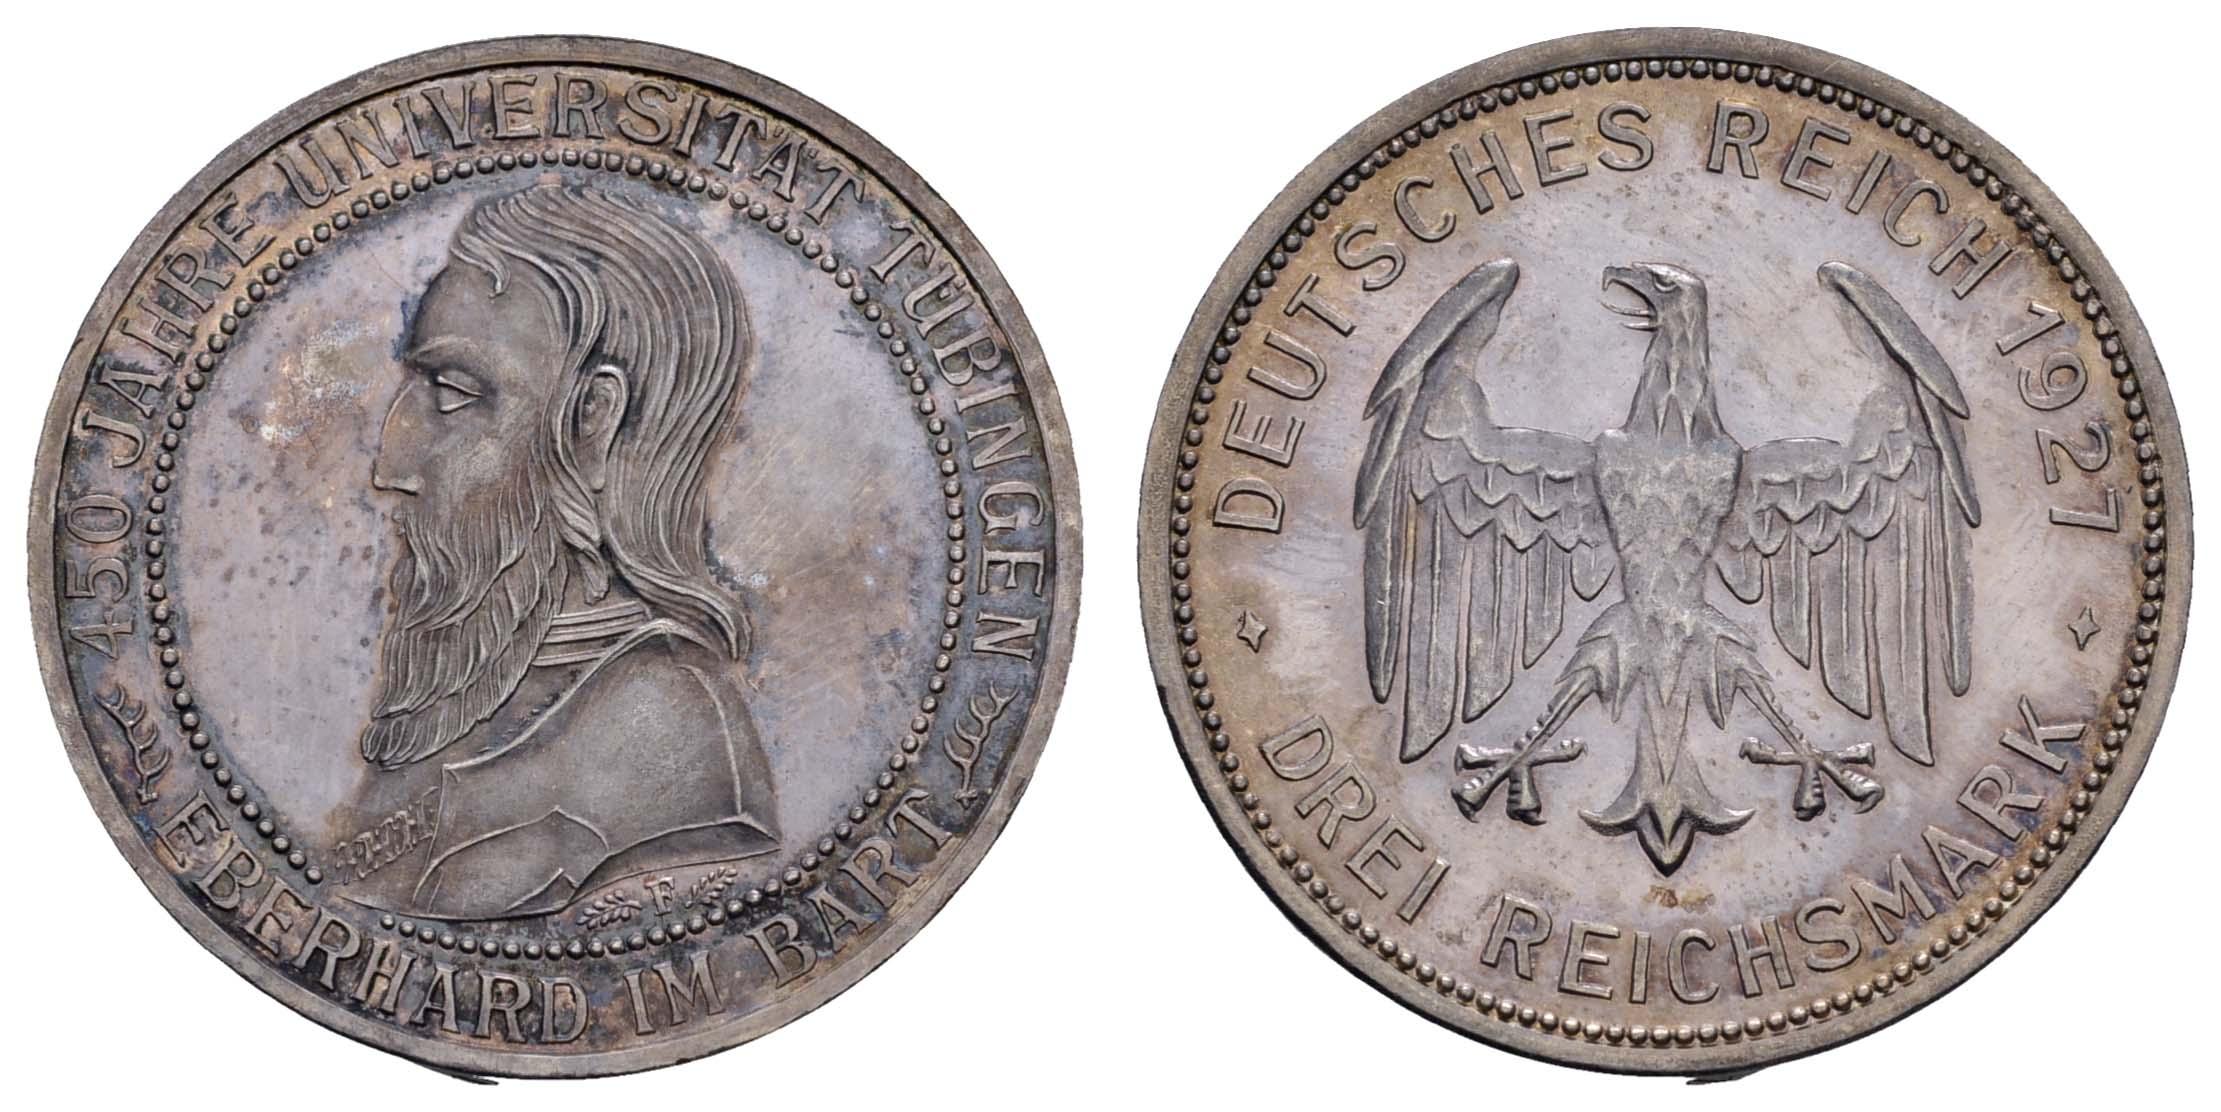 Lot 972 - deutschland weimarer republik -  Auktionshaus Ulrich Felzmann GmbH & Co. KG Coins single lots